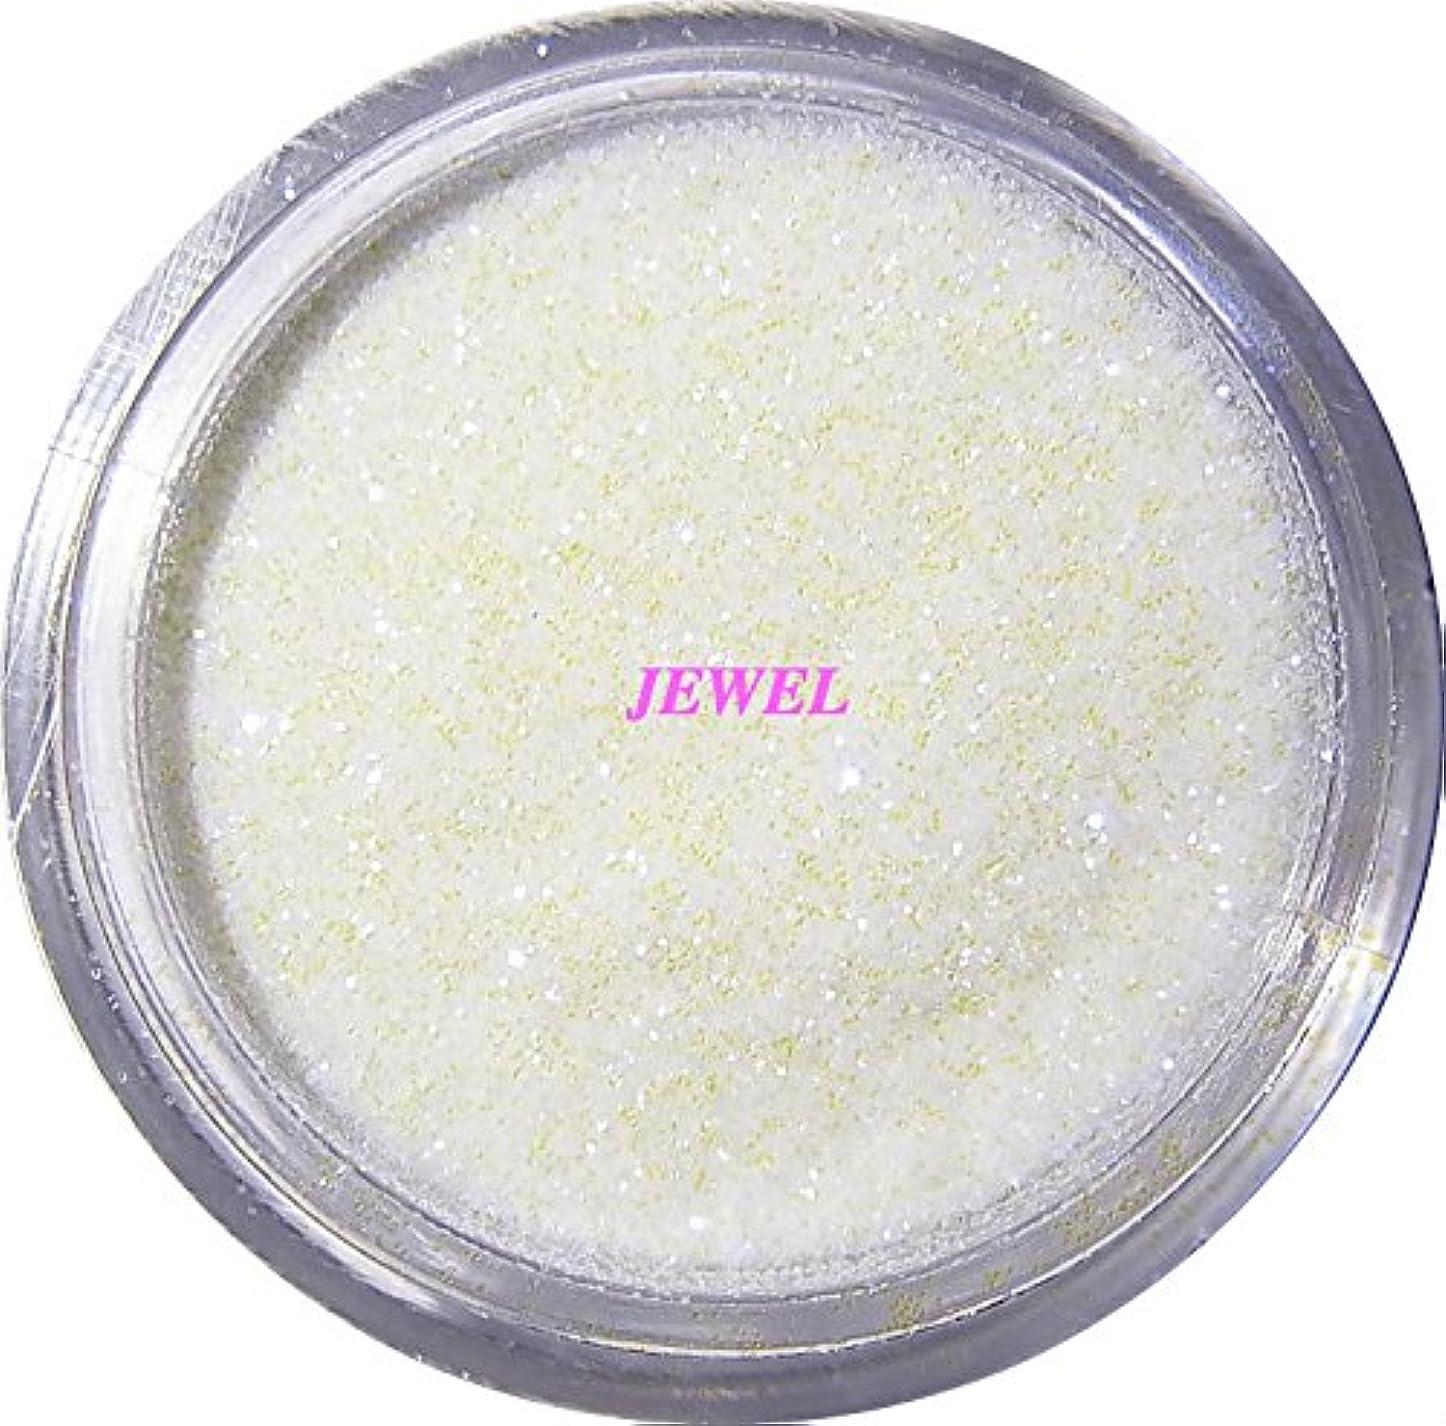 ロゴ頂点入場【jewel】 超微粒子ラメパウダー(白/パールホワイト) 256/1サイズ 2g入り グリッター レジン&ネイル用